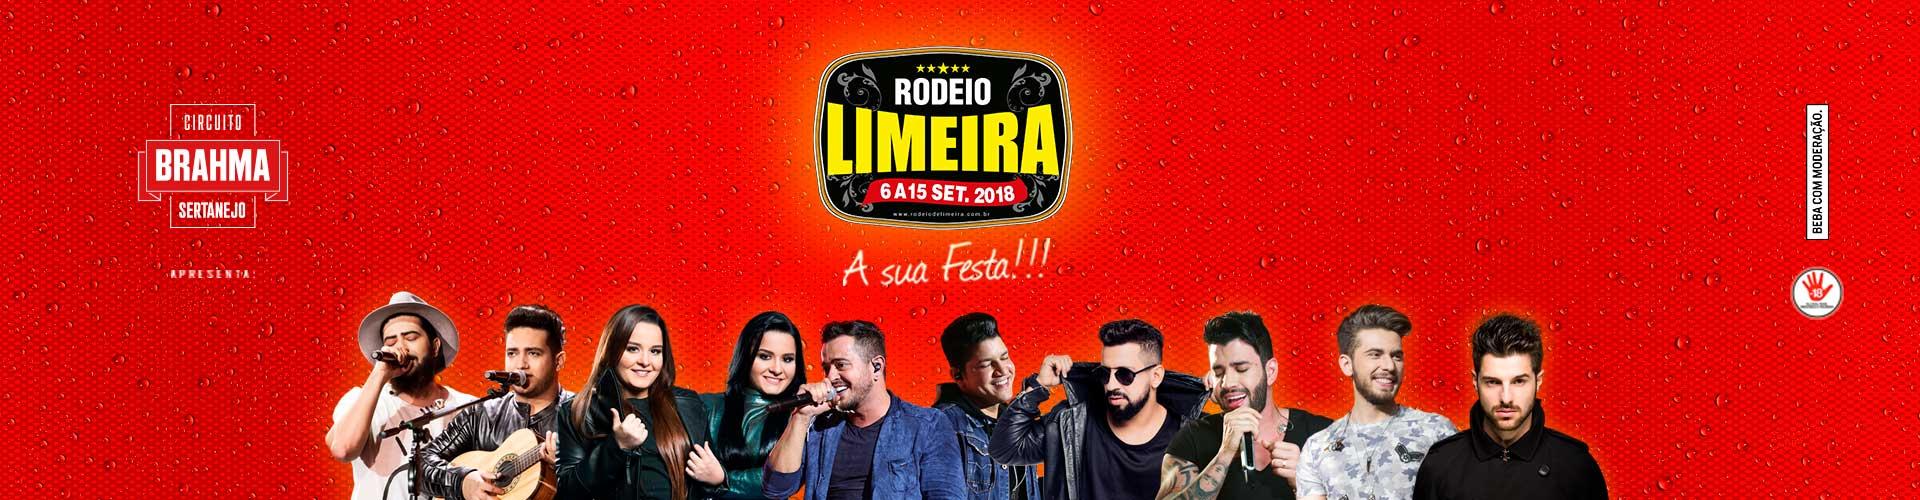 Rodeio de Limeira 2018 - 06/09/2018